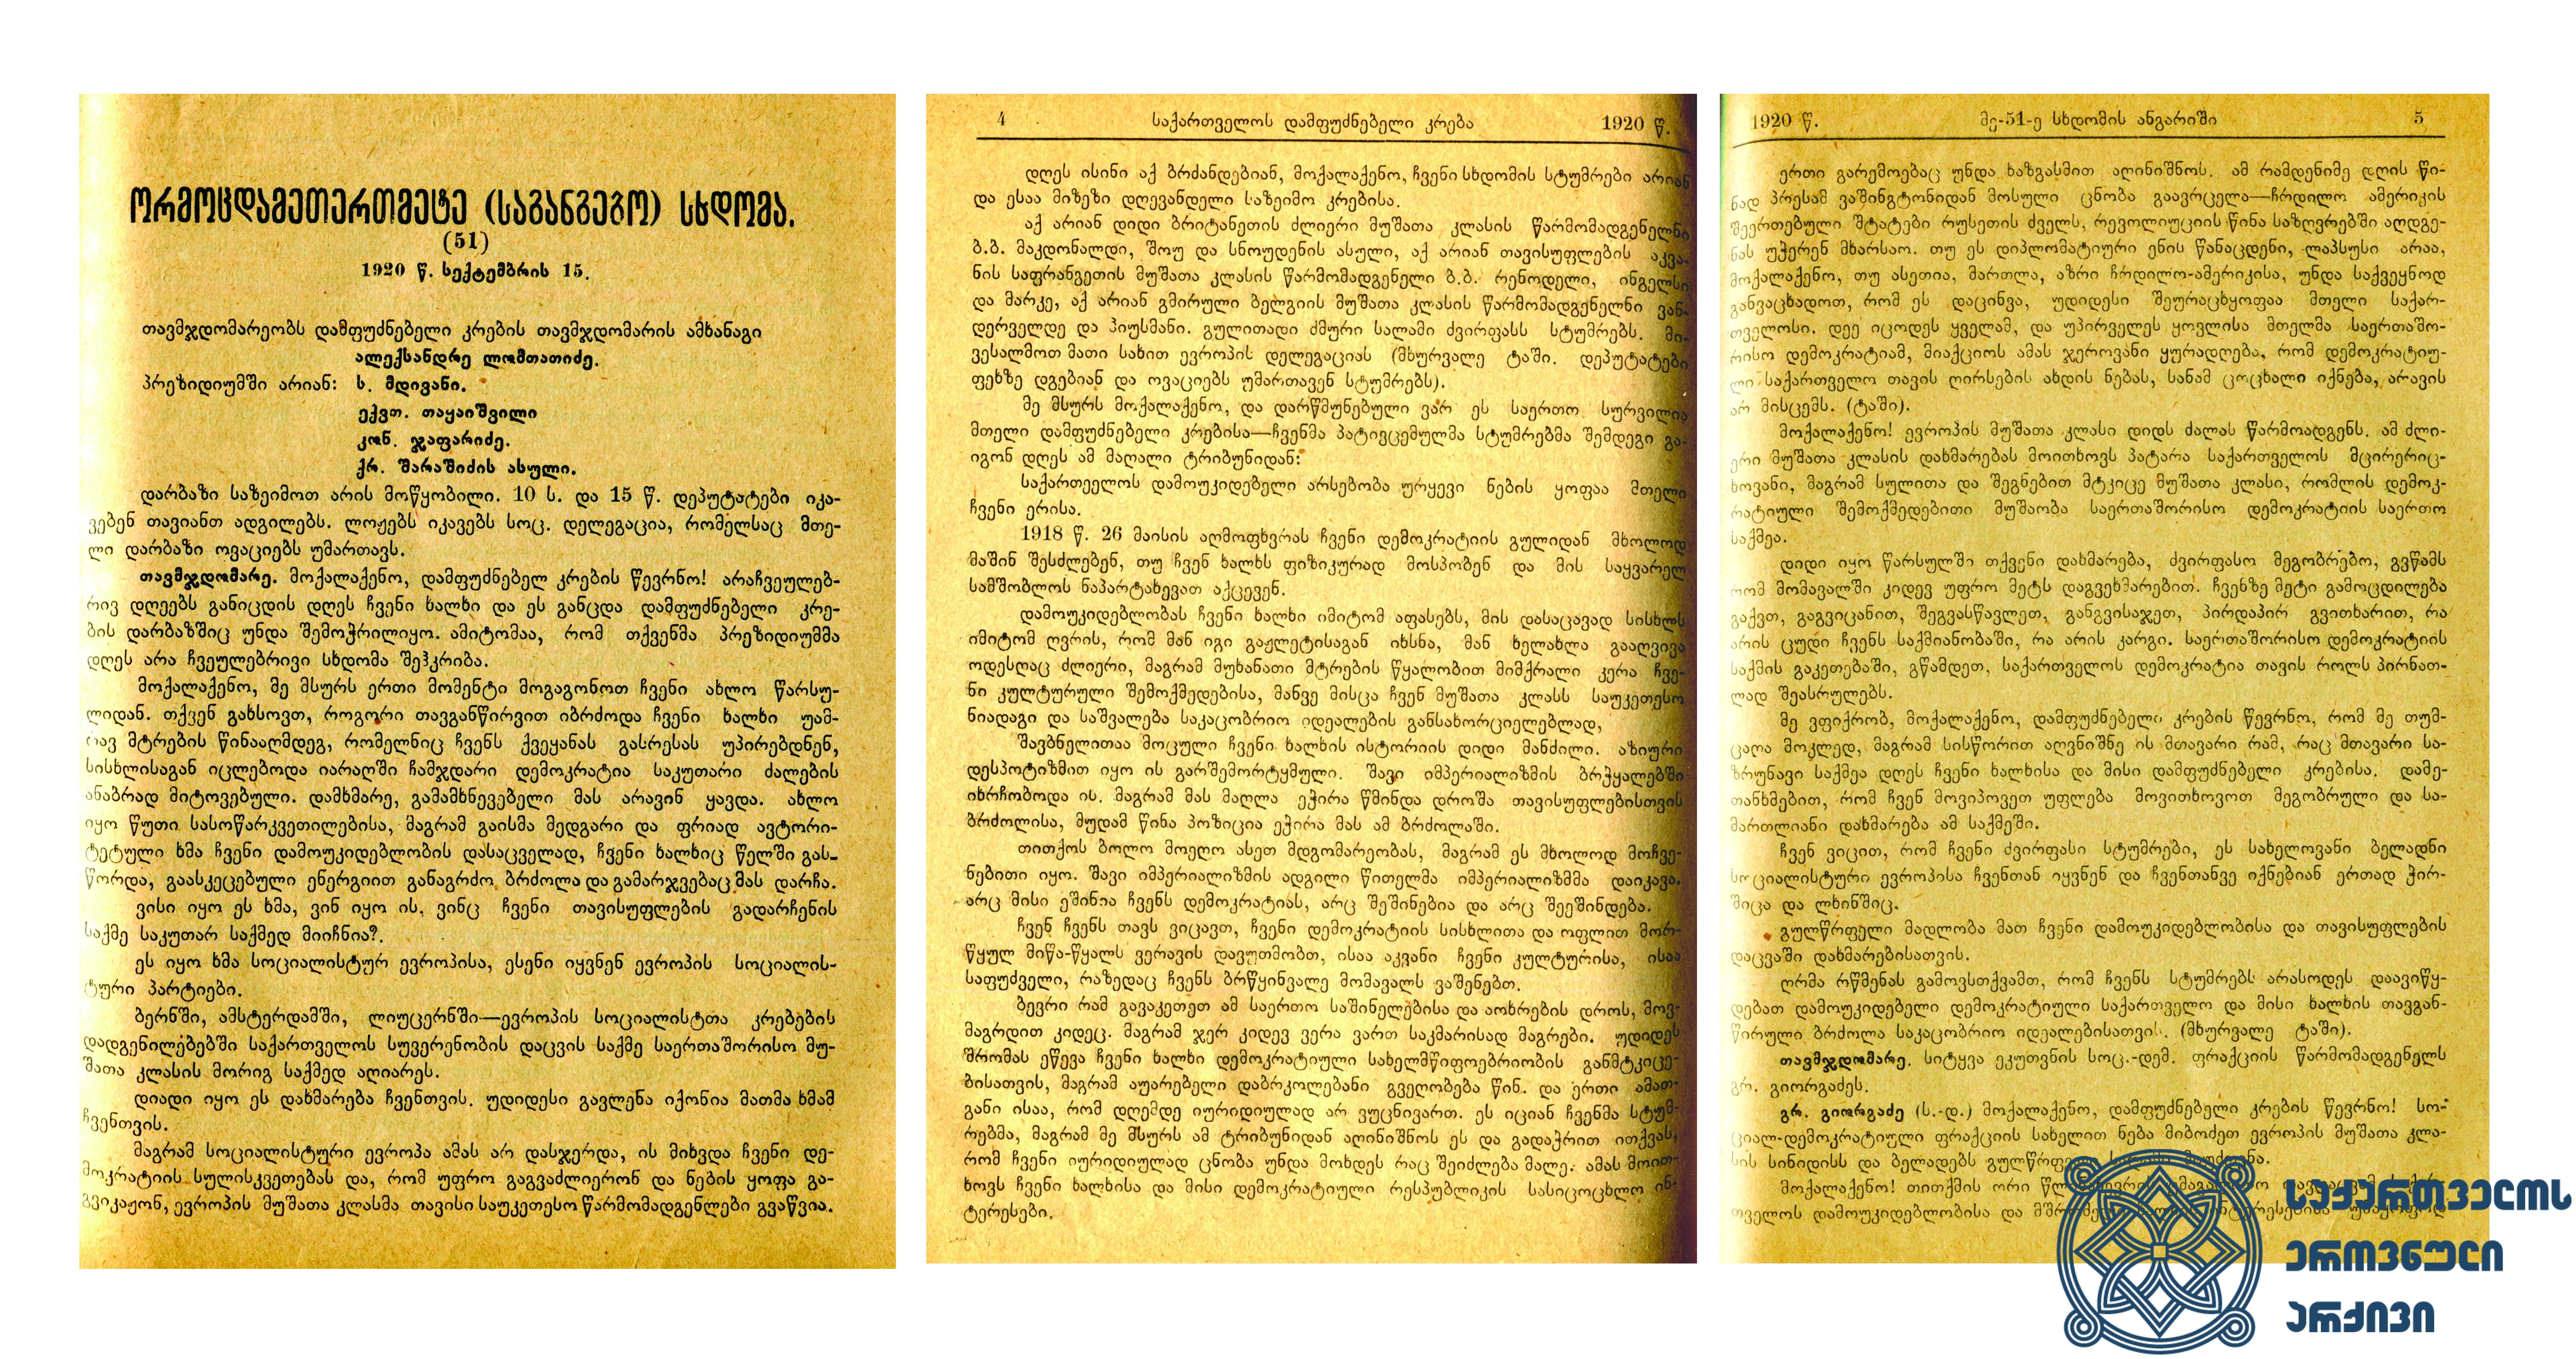 ნაწყვეტი მეორე სოციალისტური ინტერნაციონალის დელეგაციის სტუმრობასთან დაკავშირებული დამფუძნებელი კრების 1920 წლის 17 სექტემბრის საგანგებო-საზეიმო სხდომის სტენოგრამიდან. <br> Excerpt from the transcript of the extraordinary-solemn sitting of the Constituent Assembly of September 17, 1920, in connection with the visit of the delegation of the Second Socialist International.